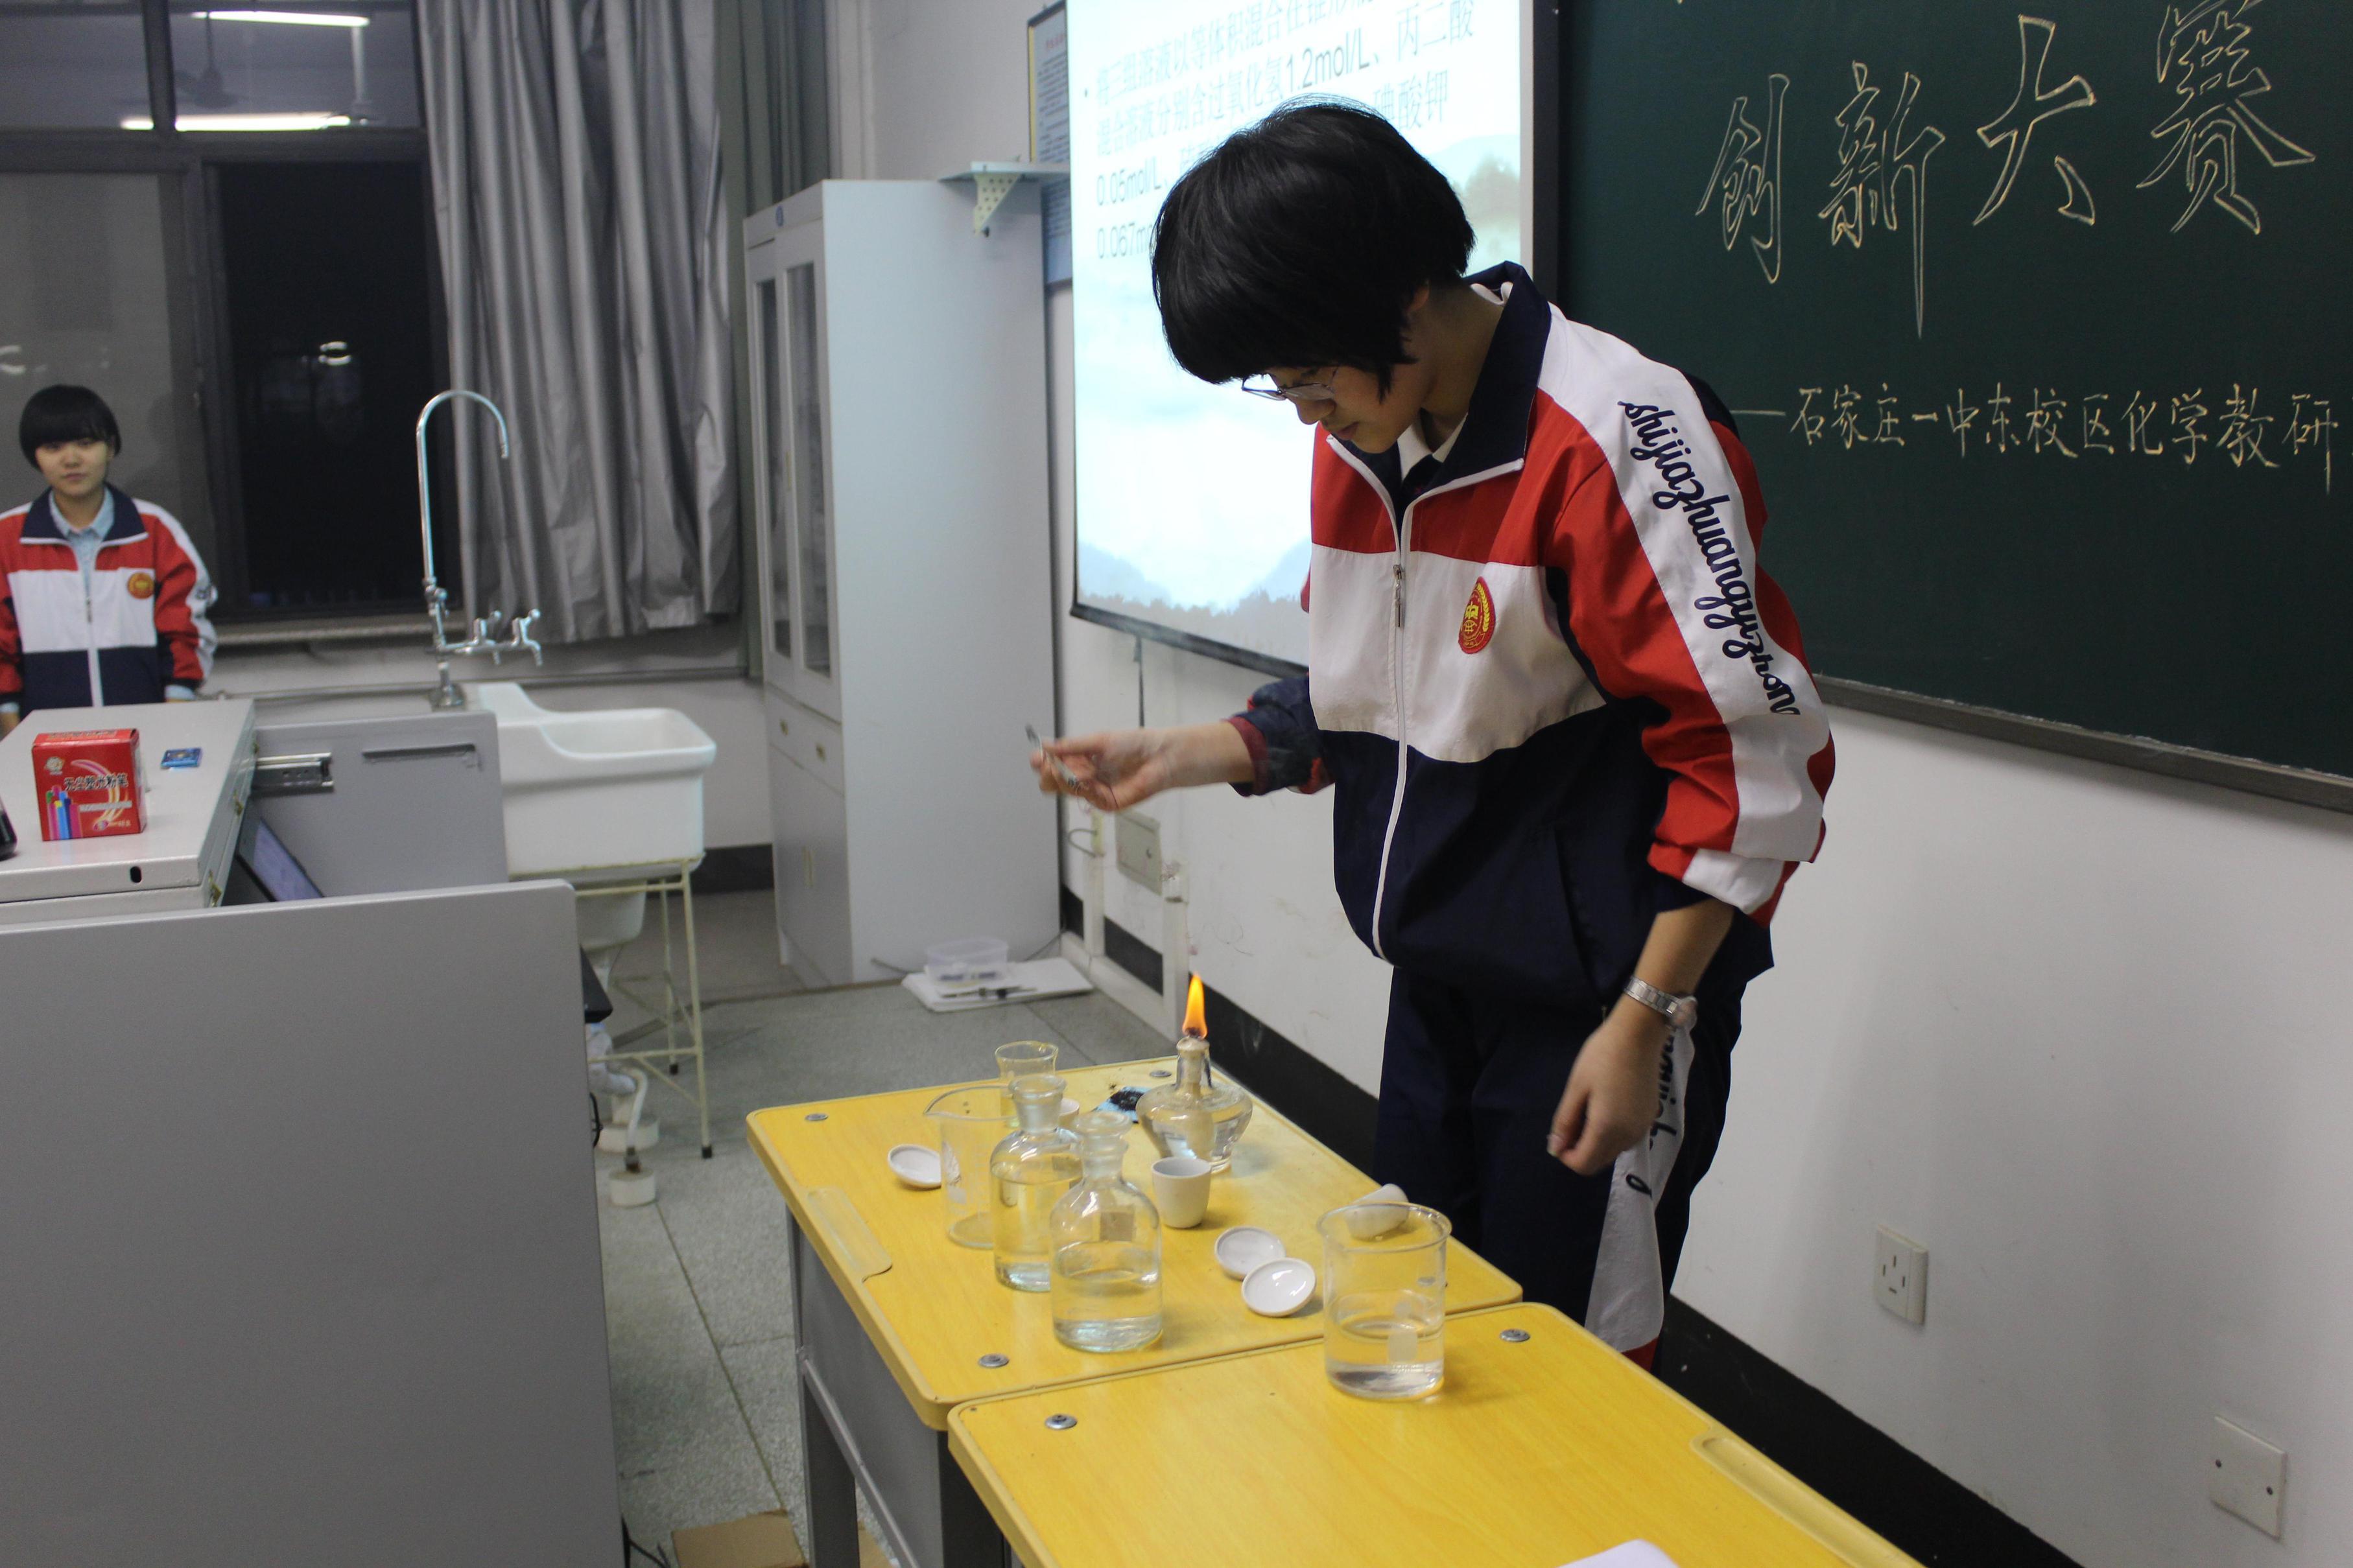 石家莊一中東校區化學實驗創新設計大賽圓滿結束